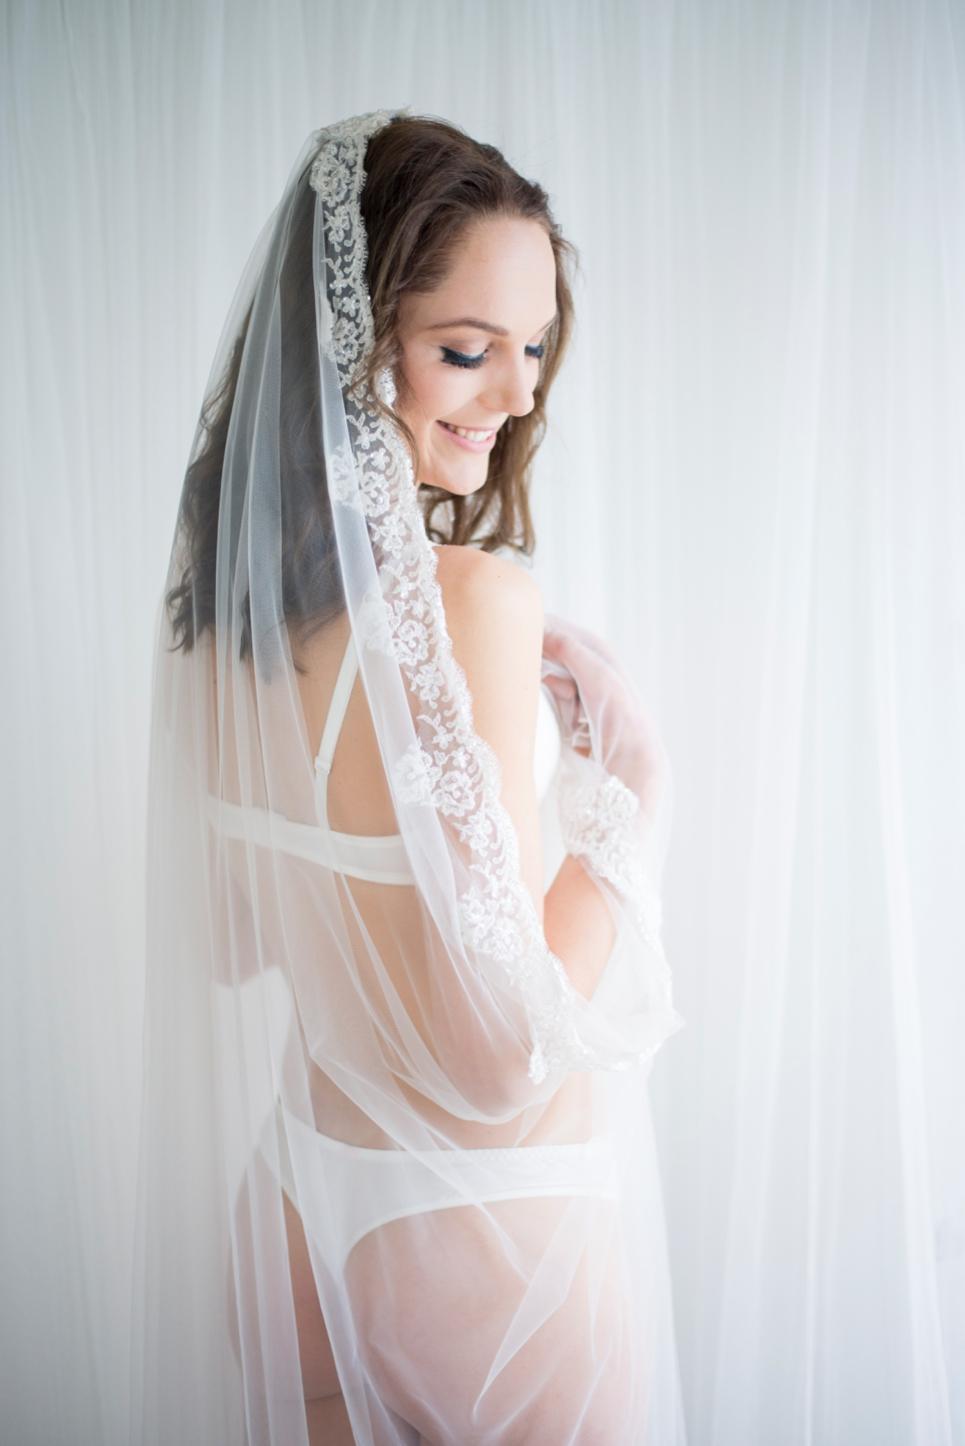 boudoir-fotoshoot-bruid-verrassing-aanstaande